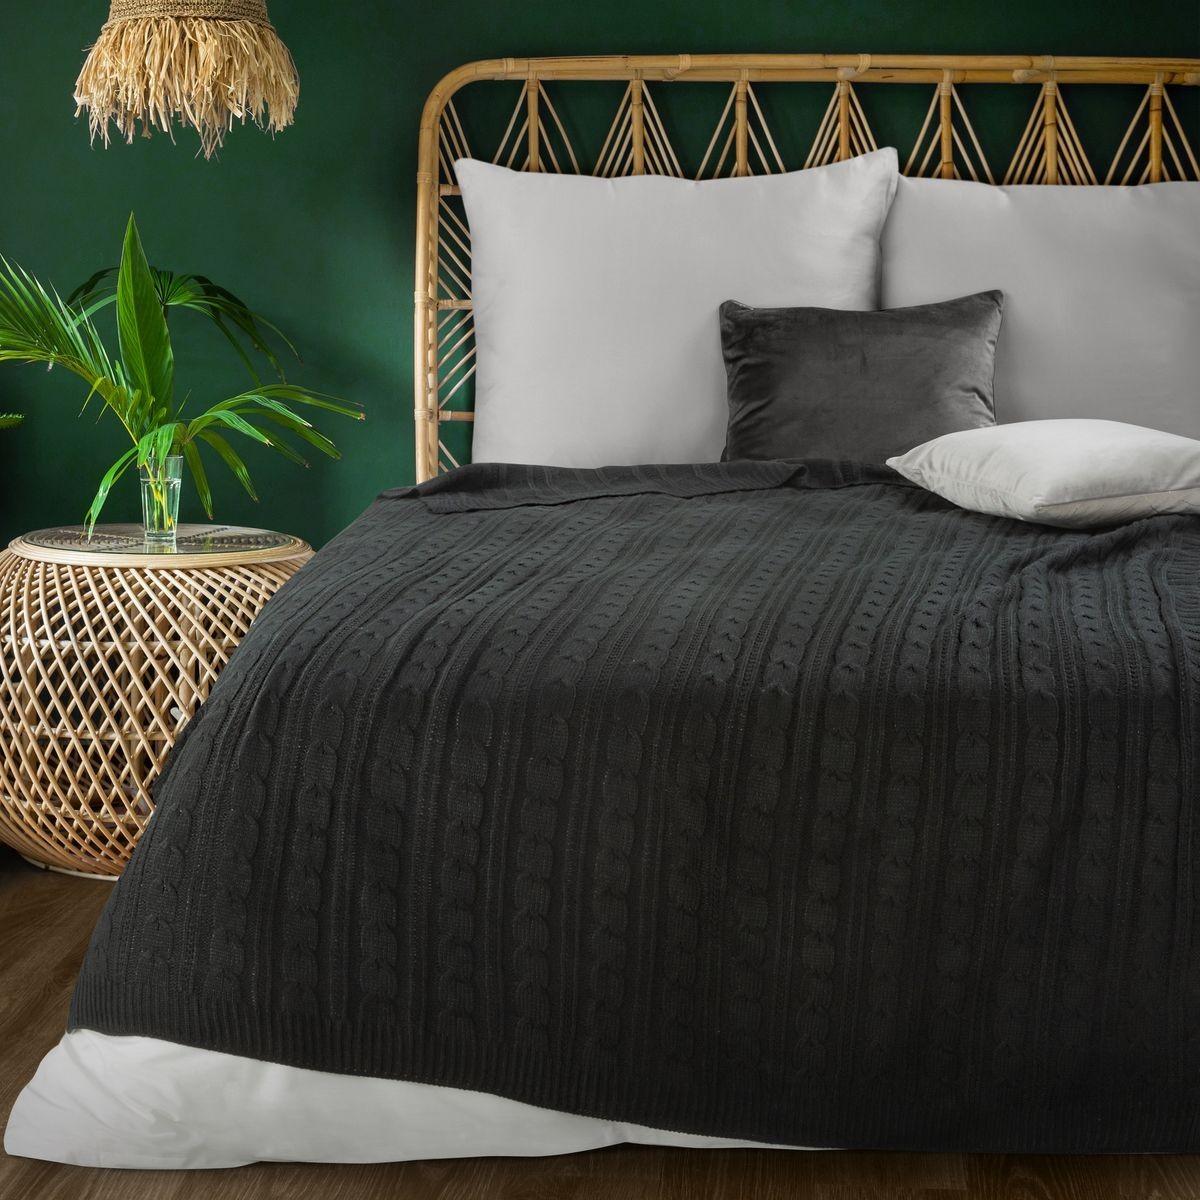 Luxusná čierna akrylová tkana deka s osmičkovým vzorom 130 x 170 cm Šírka: 130 cm   Dĺžka: 170 cm